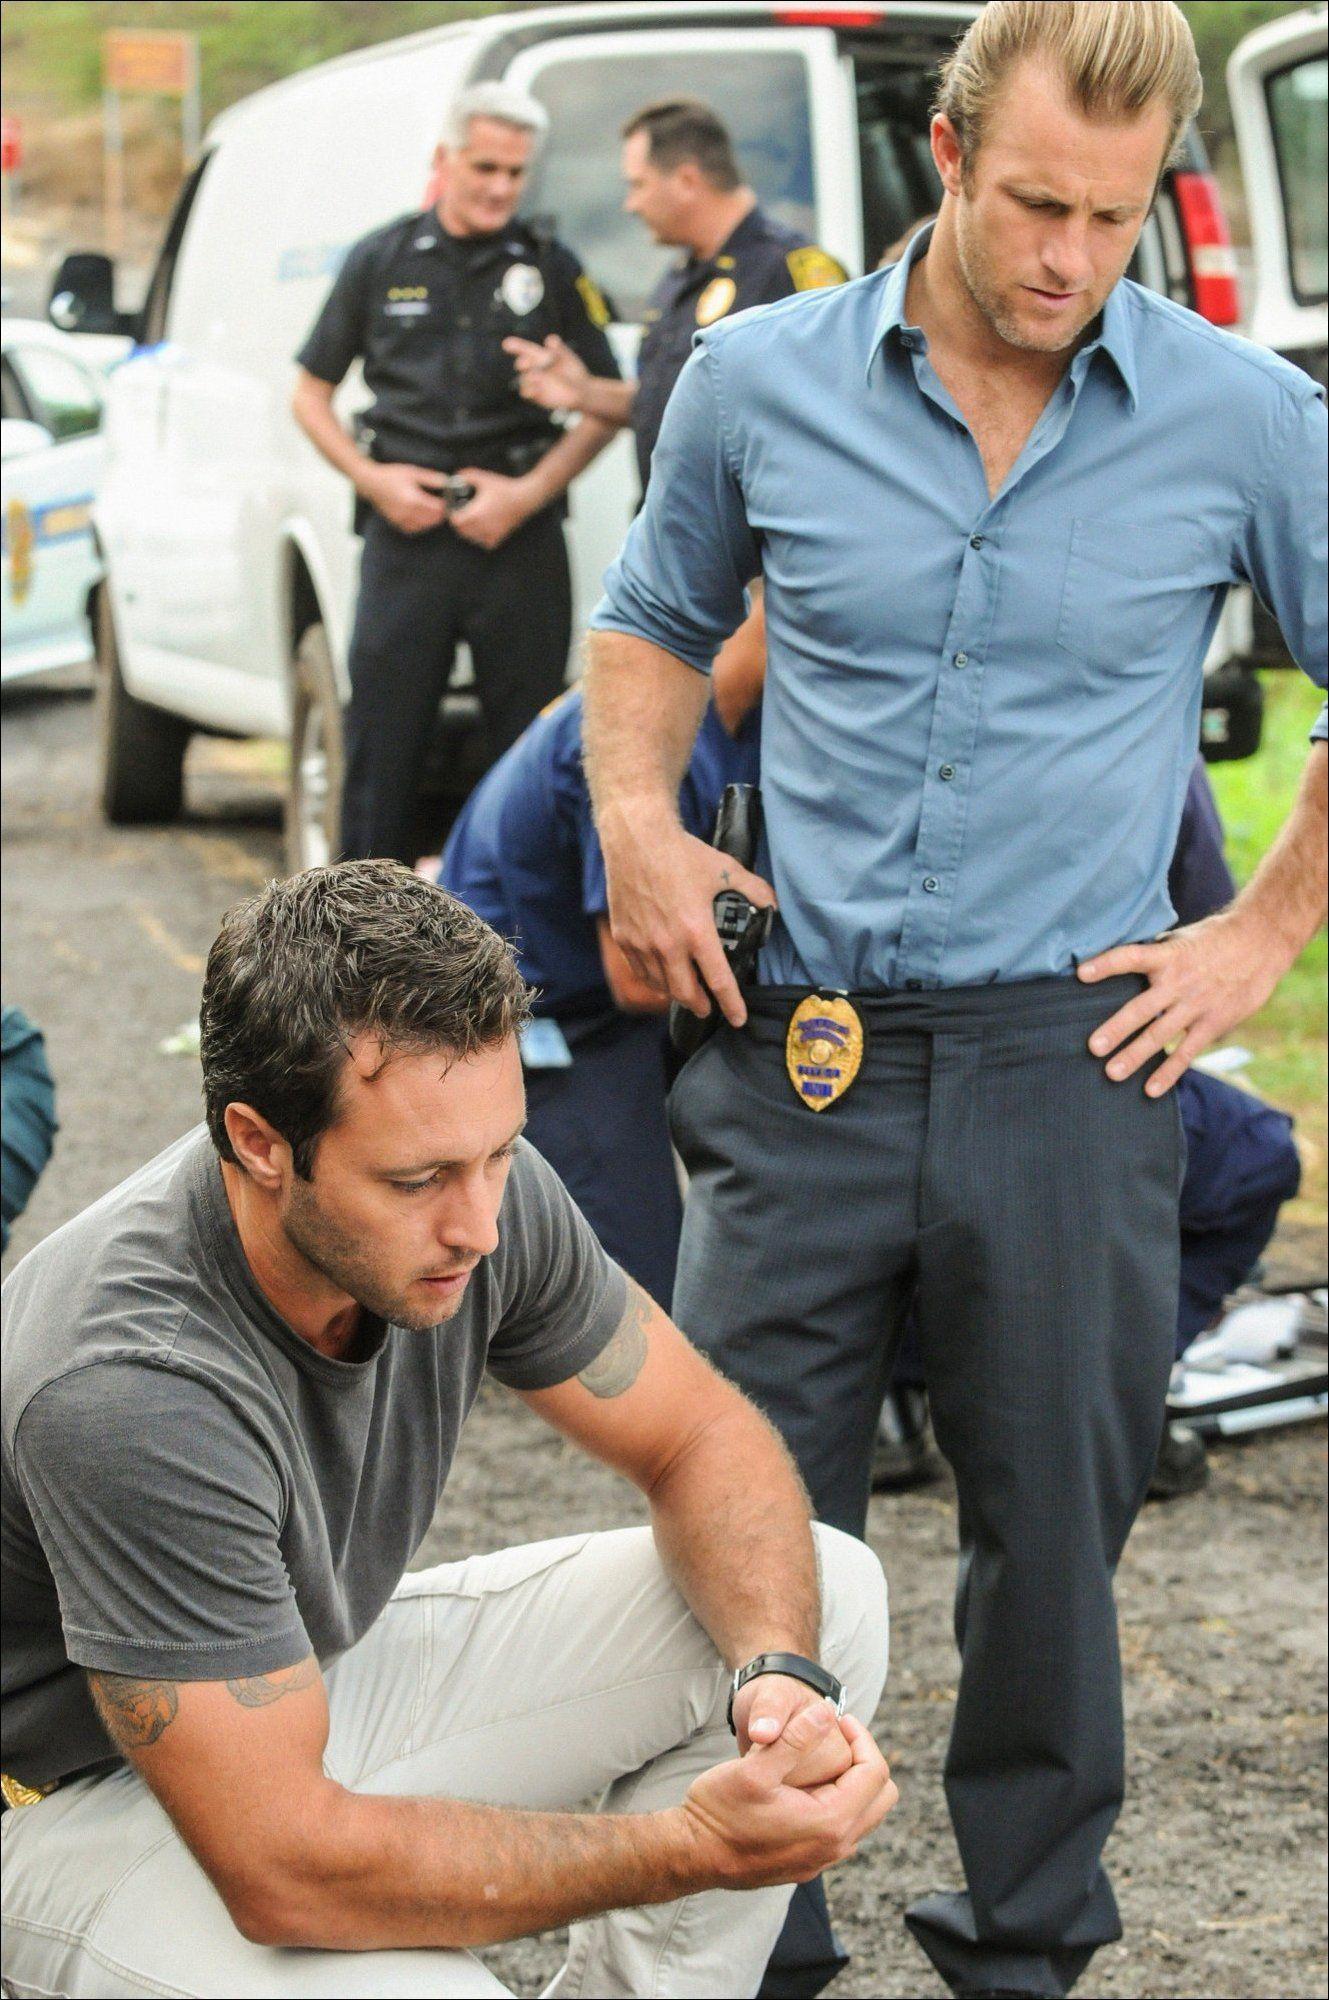 Hawaii Five O Season 3 Episode 15 Descargar // okexelden ga